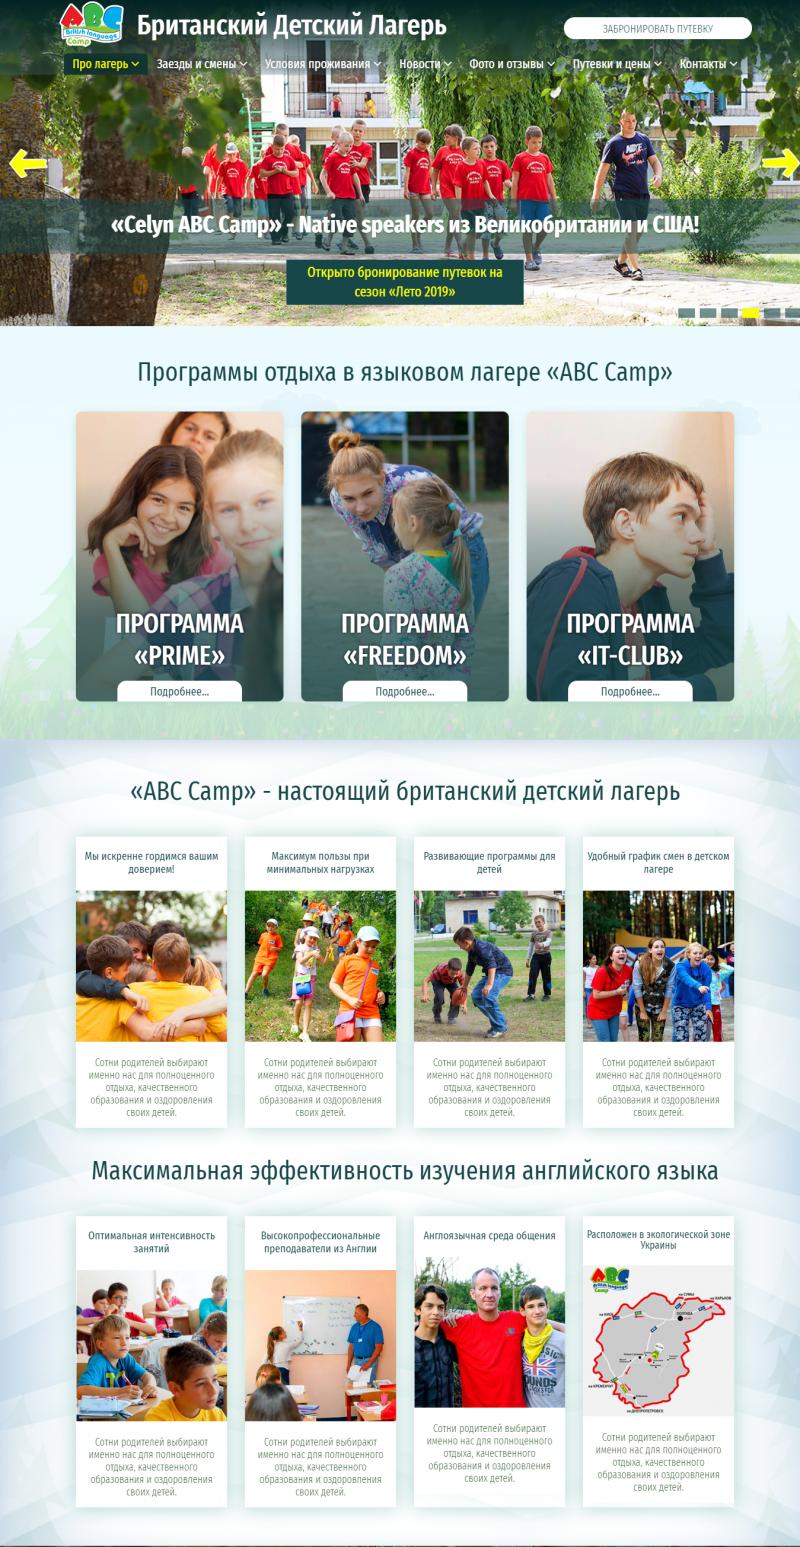 Британський дитячий табір ABC Camp